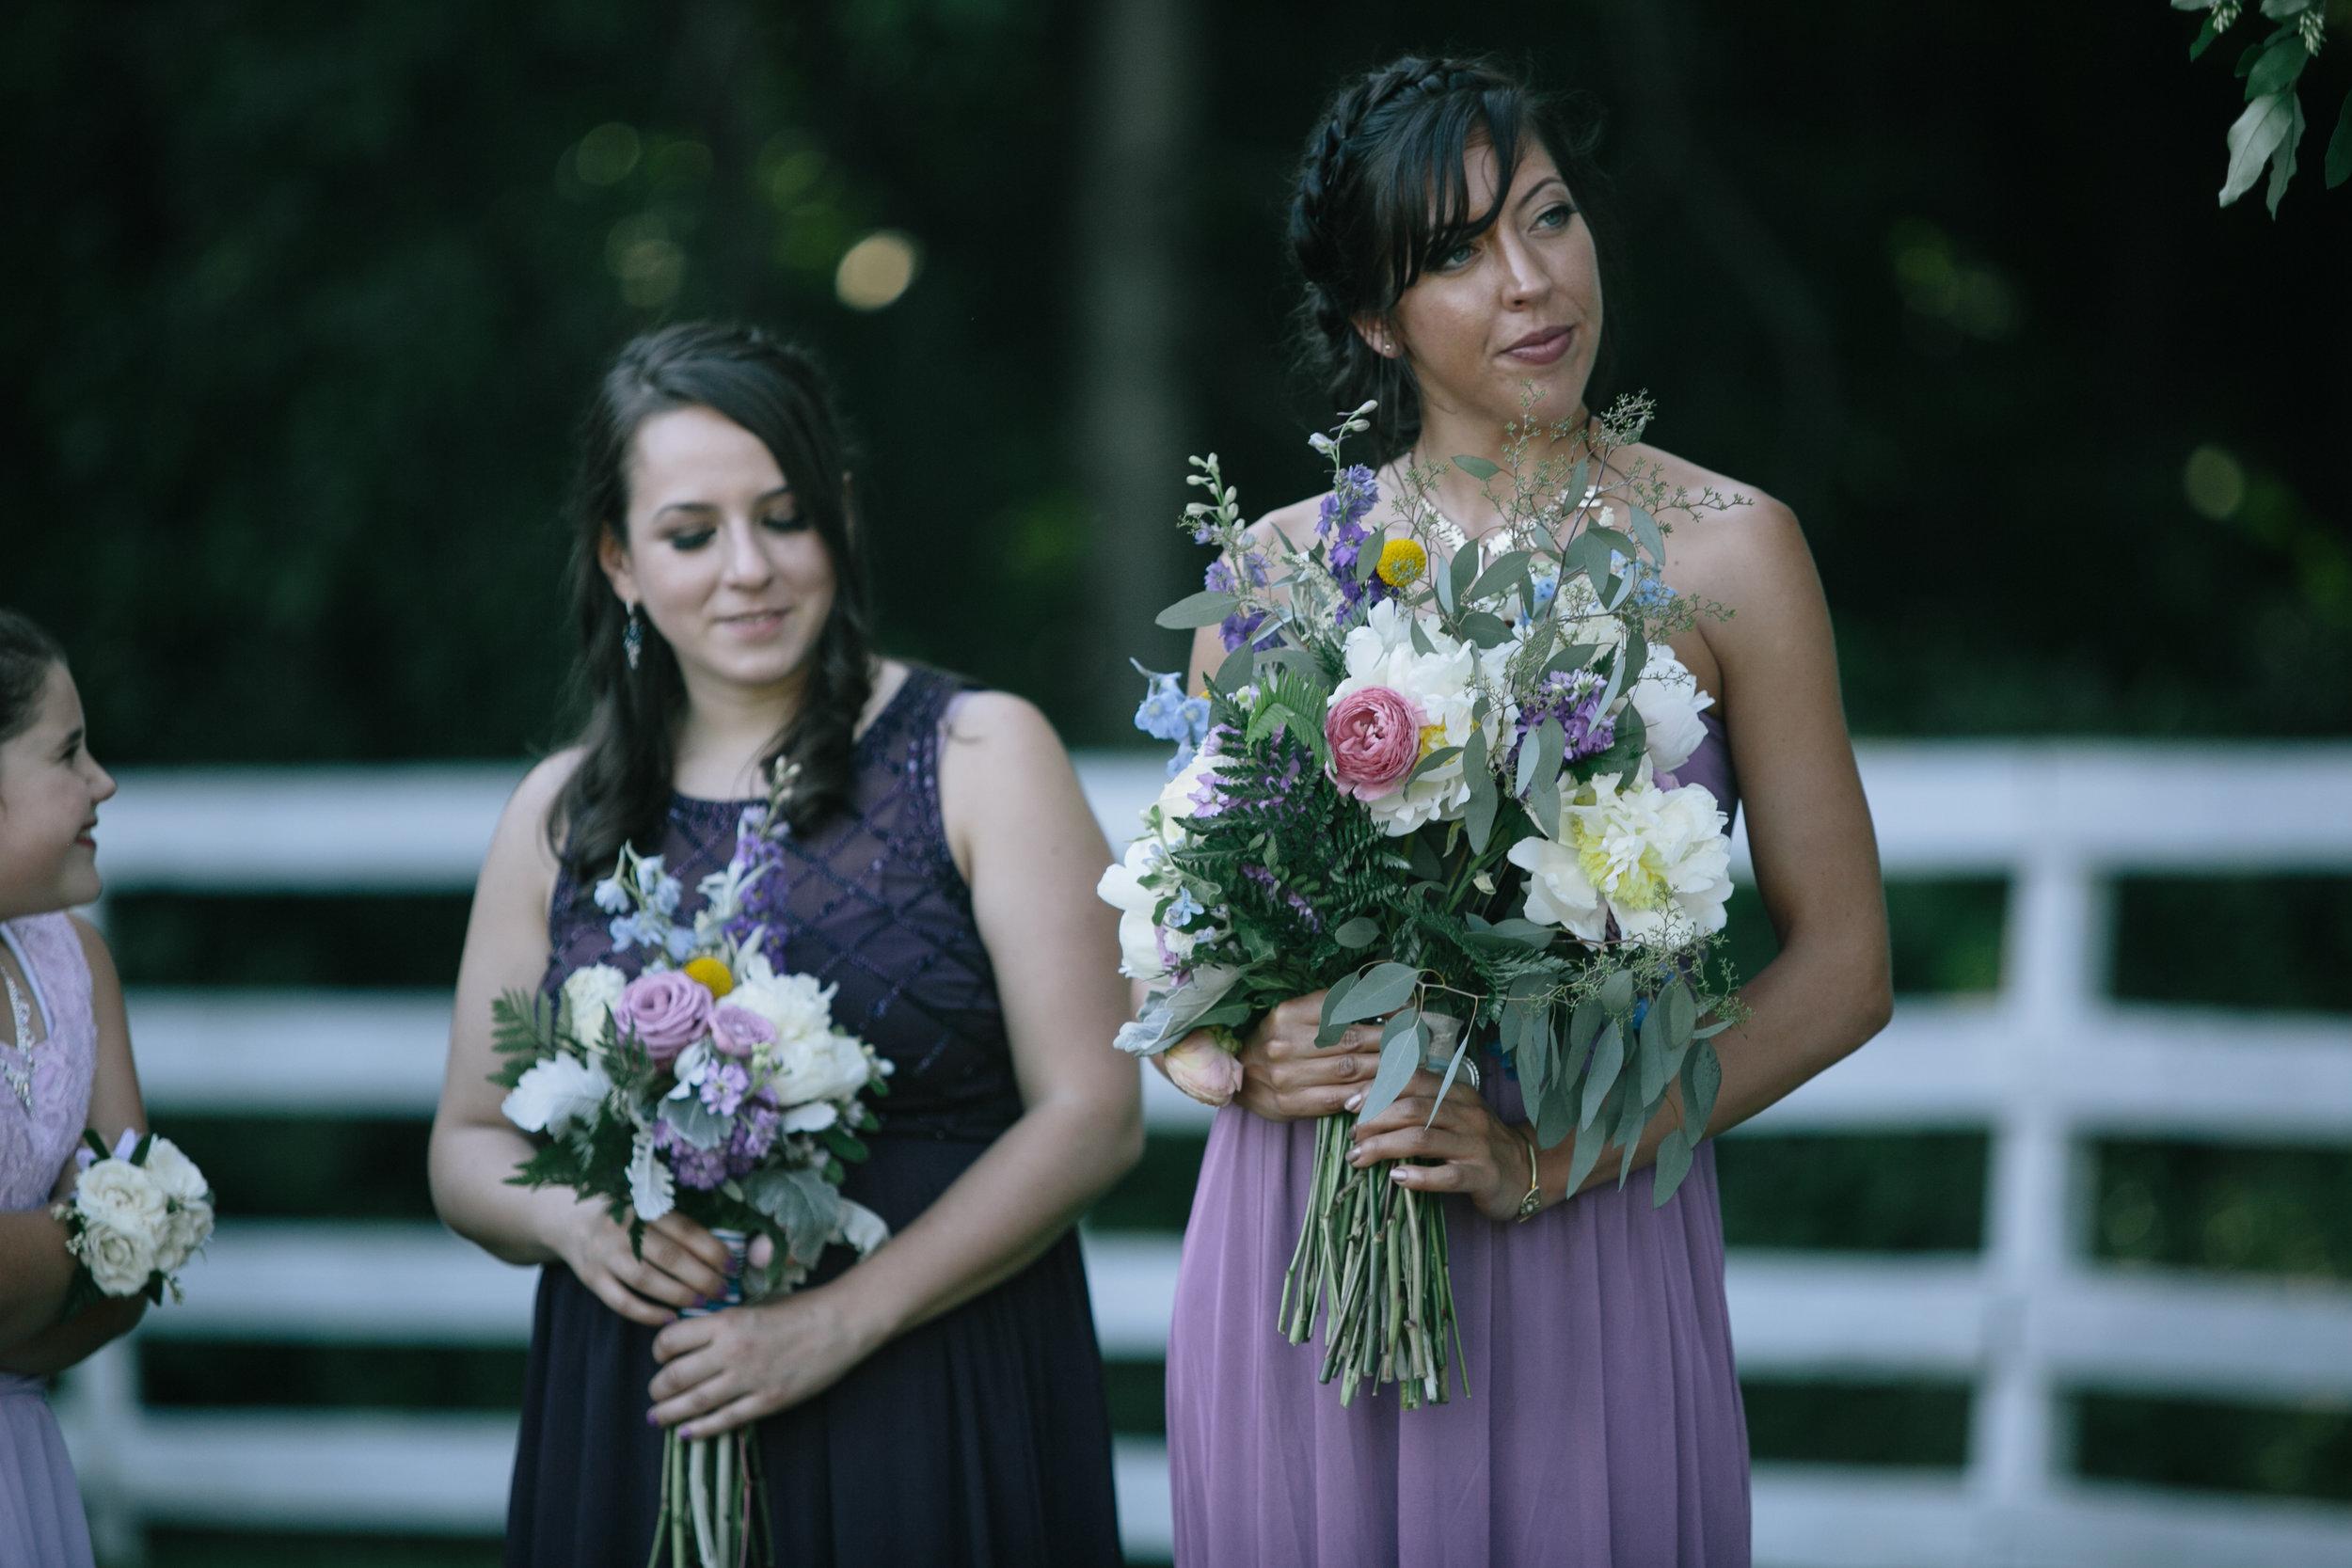 519_Jared_Kristen_wedding.jpg